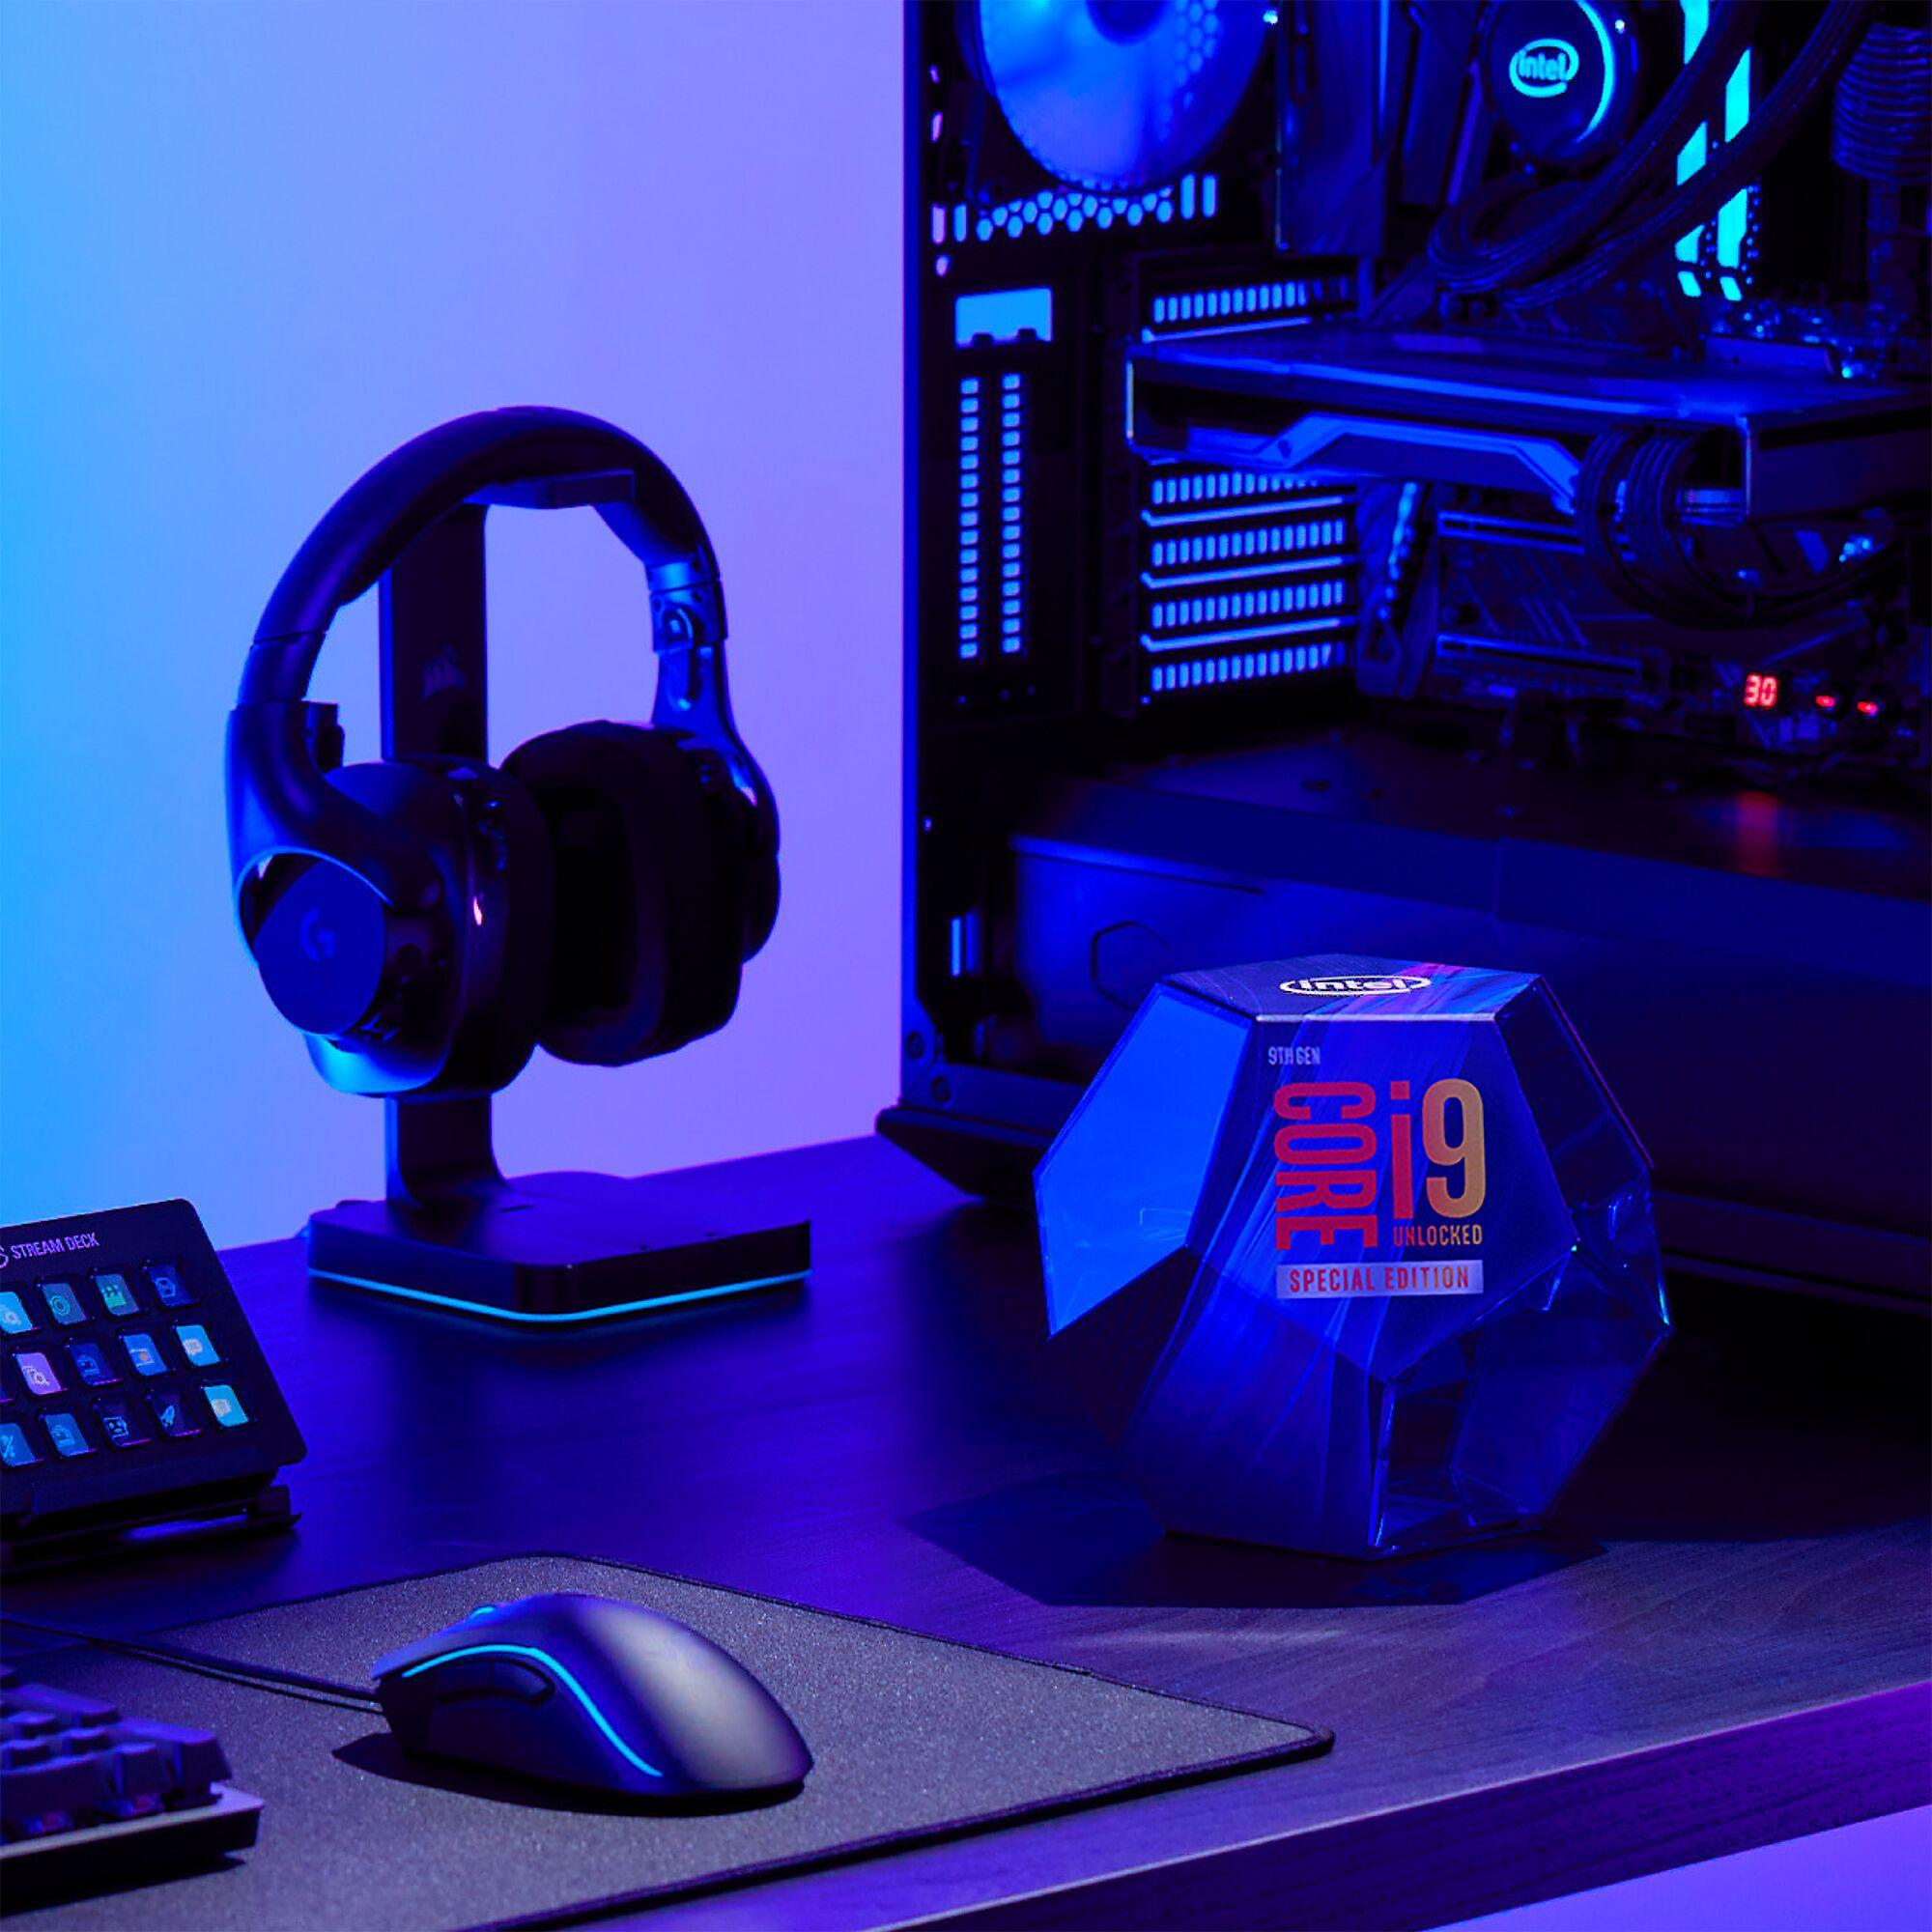 Potwór: Intel Core i9 z odblokowanym mnożnikiem i 5,0 GHz w trybie turbo